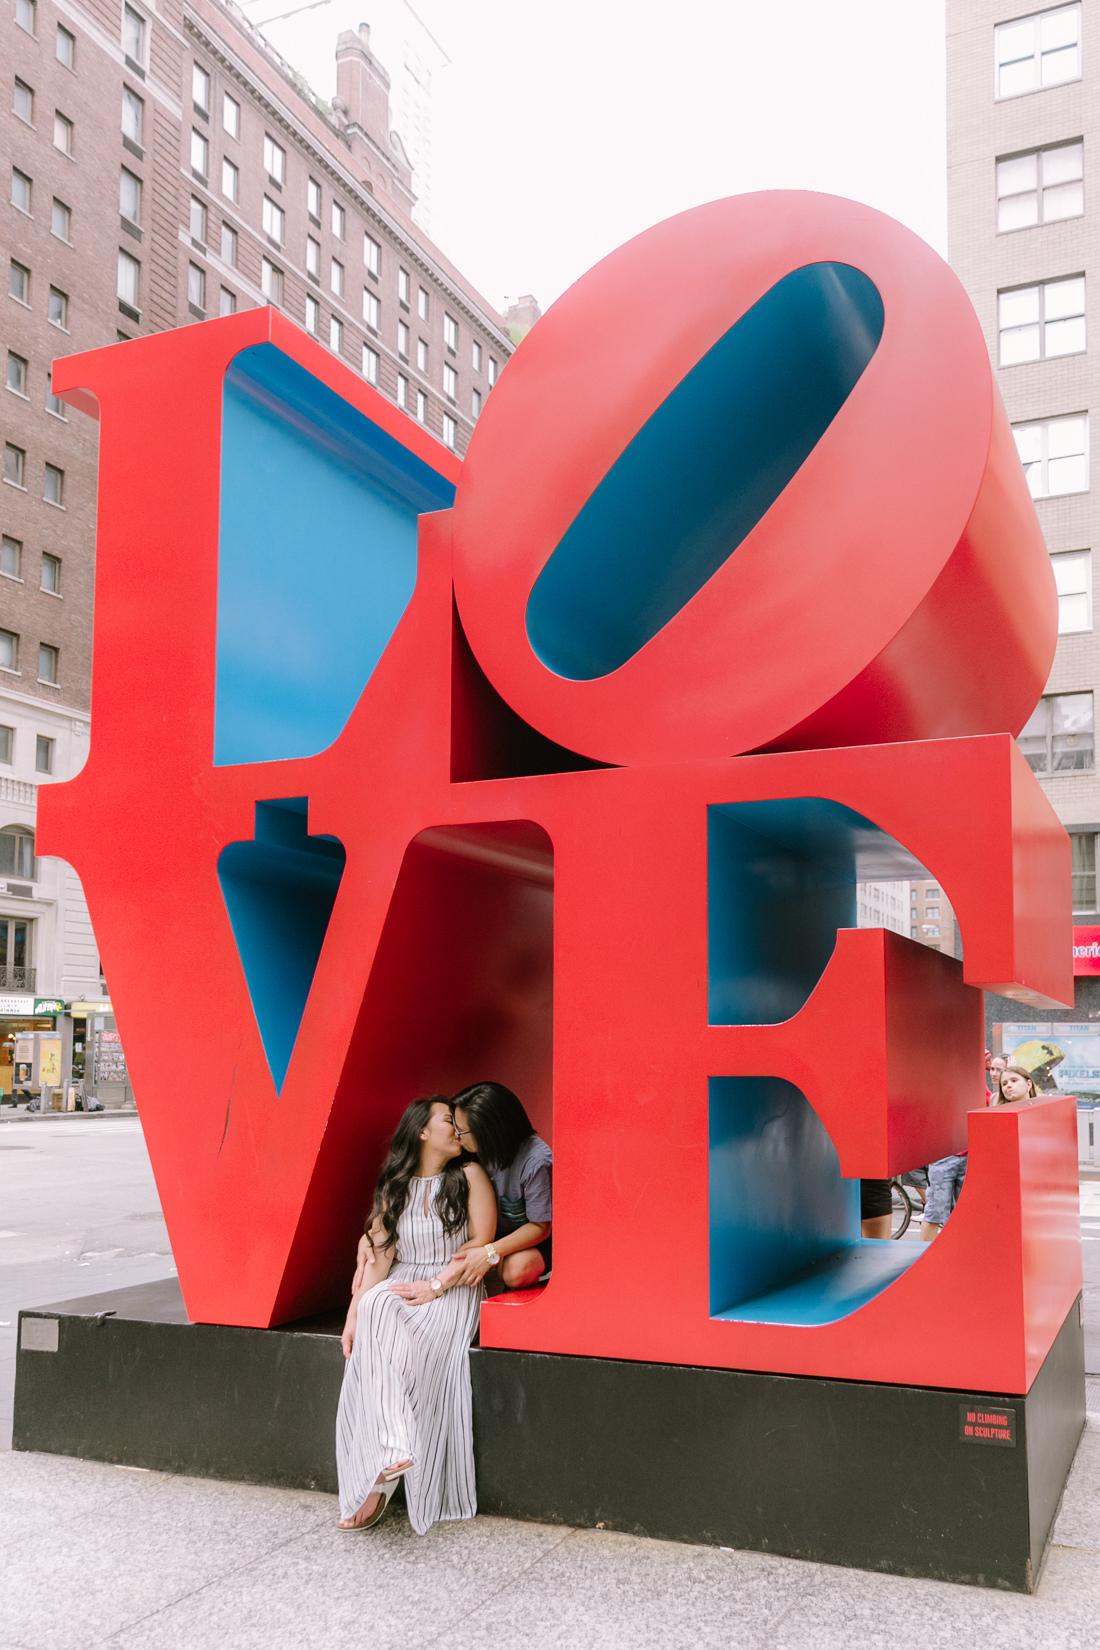 NYC-engagement-photography-by-Tanya-Isaeva-69.jpg